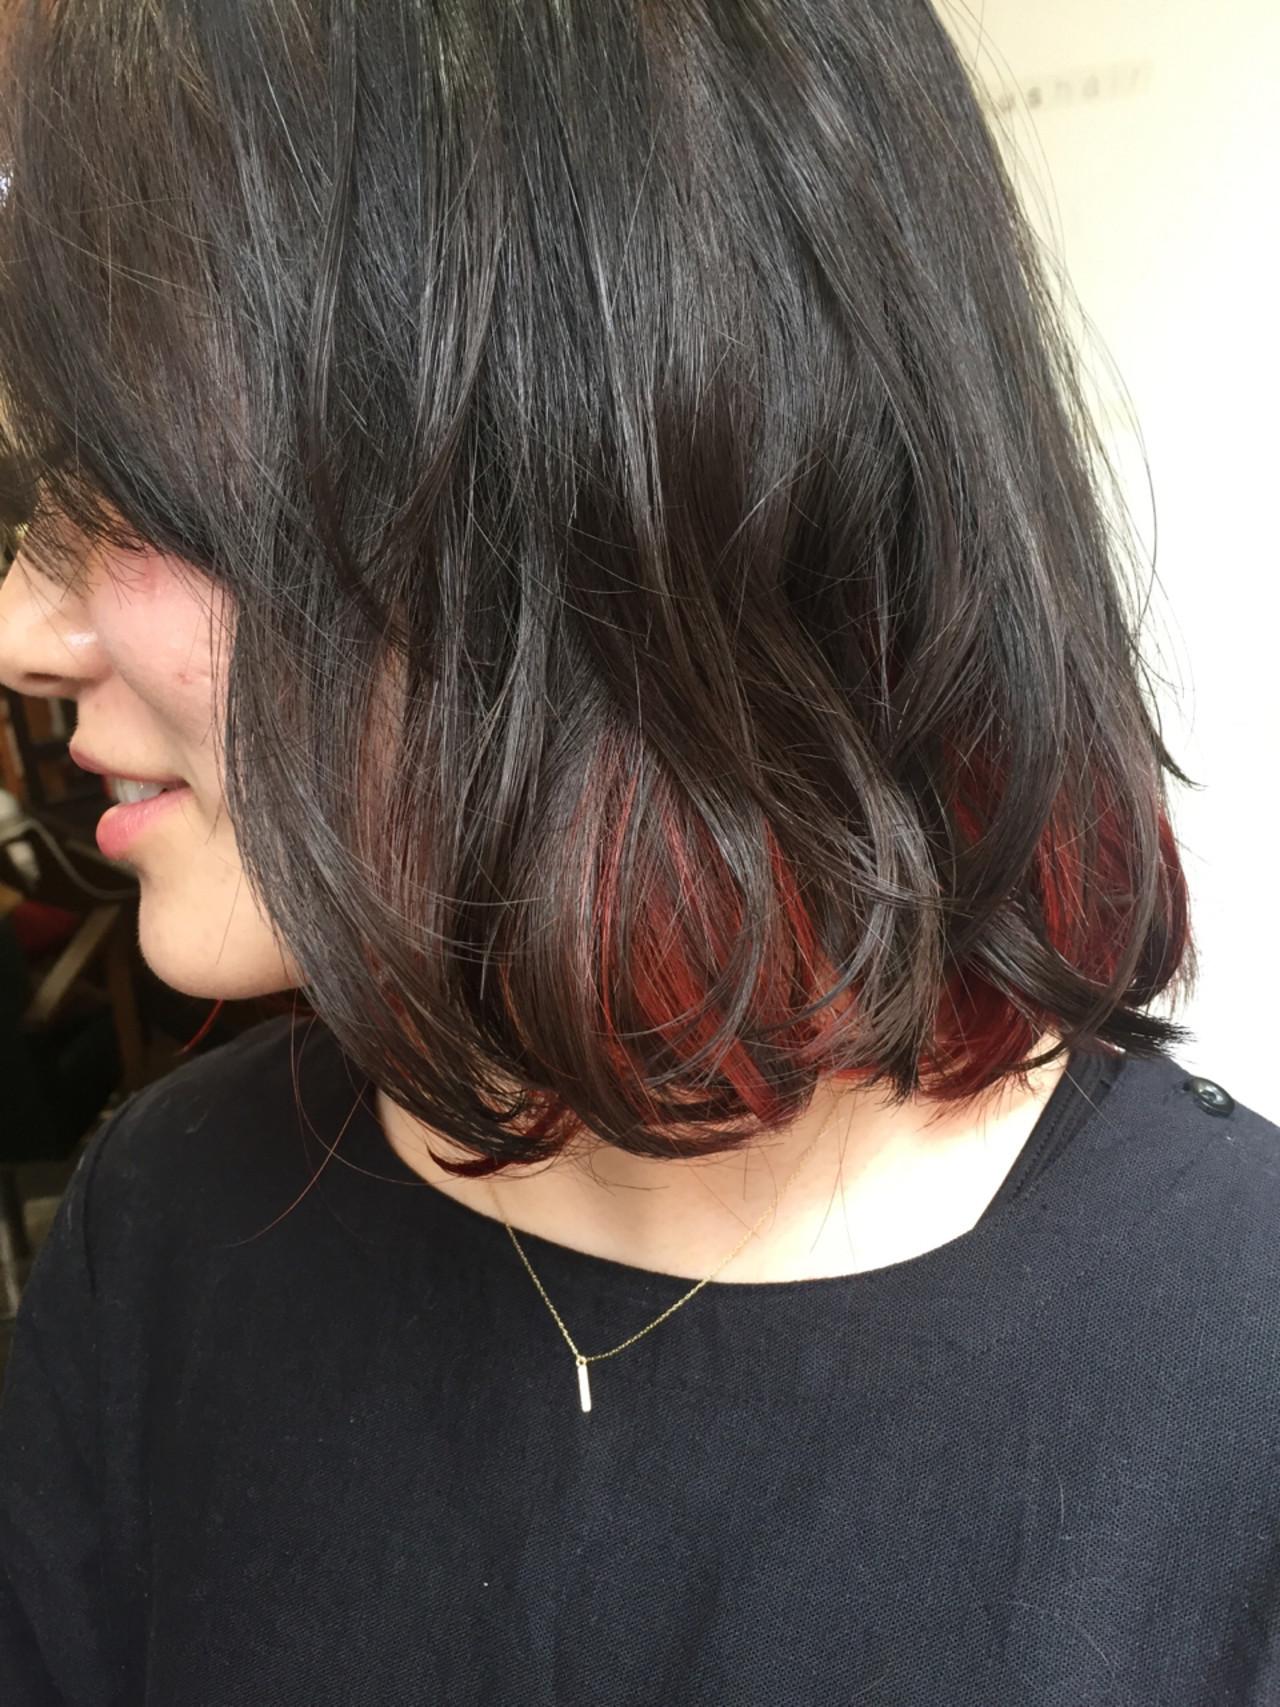 ボブ 黒髪 レッド ガーリー ヘアスタイルや髪型の写真・画像